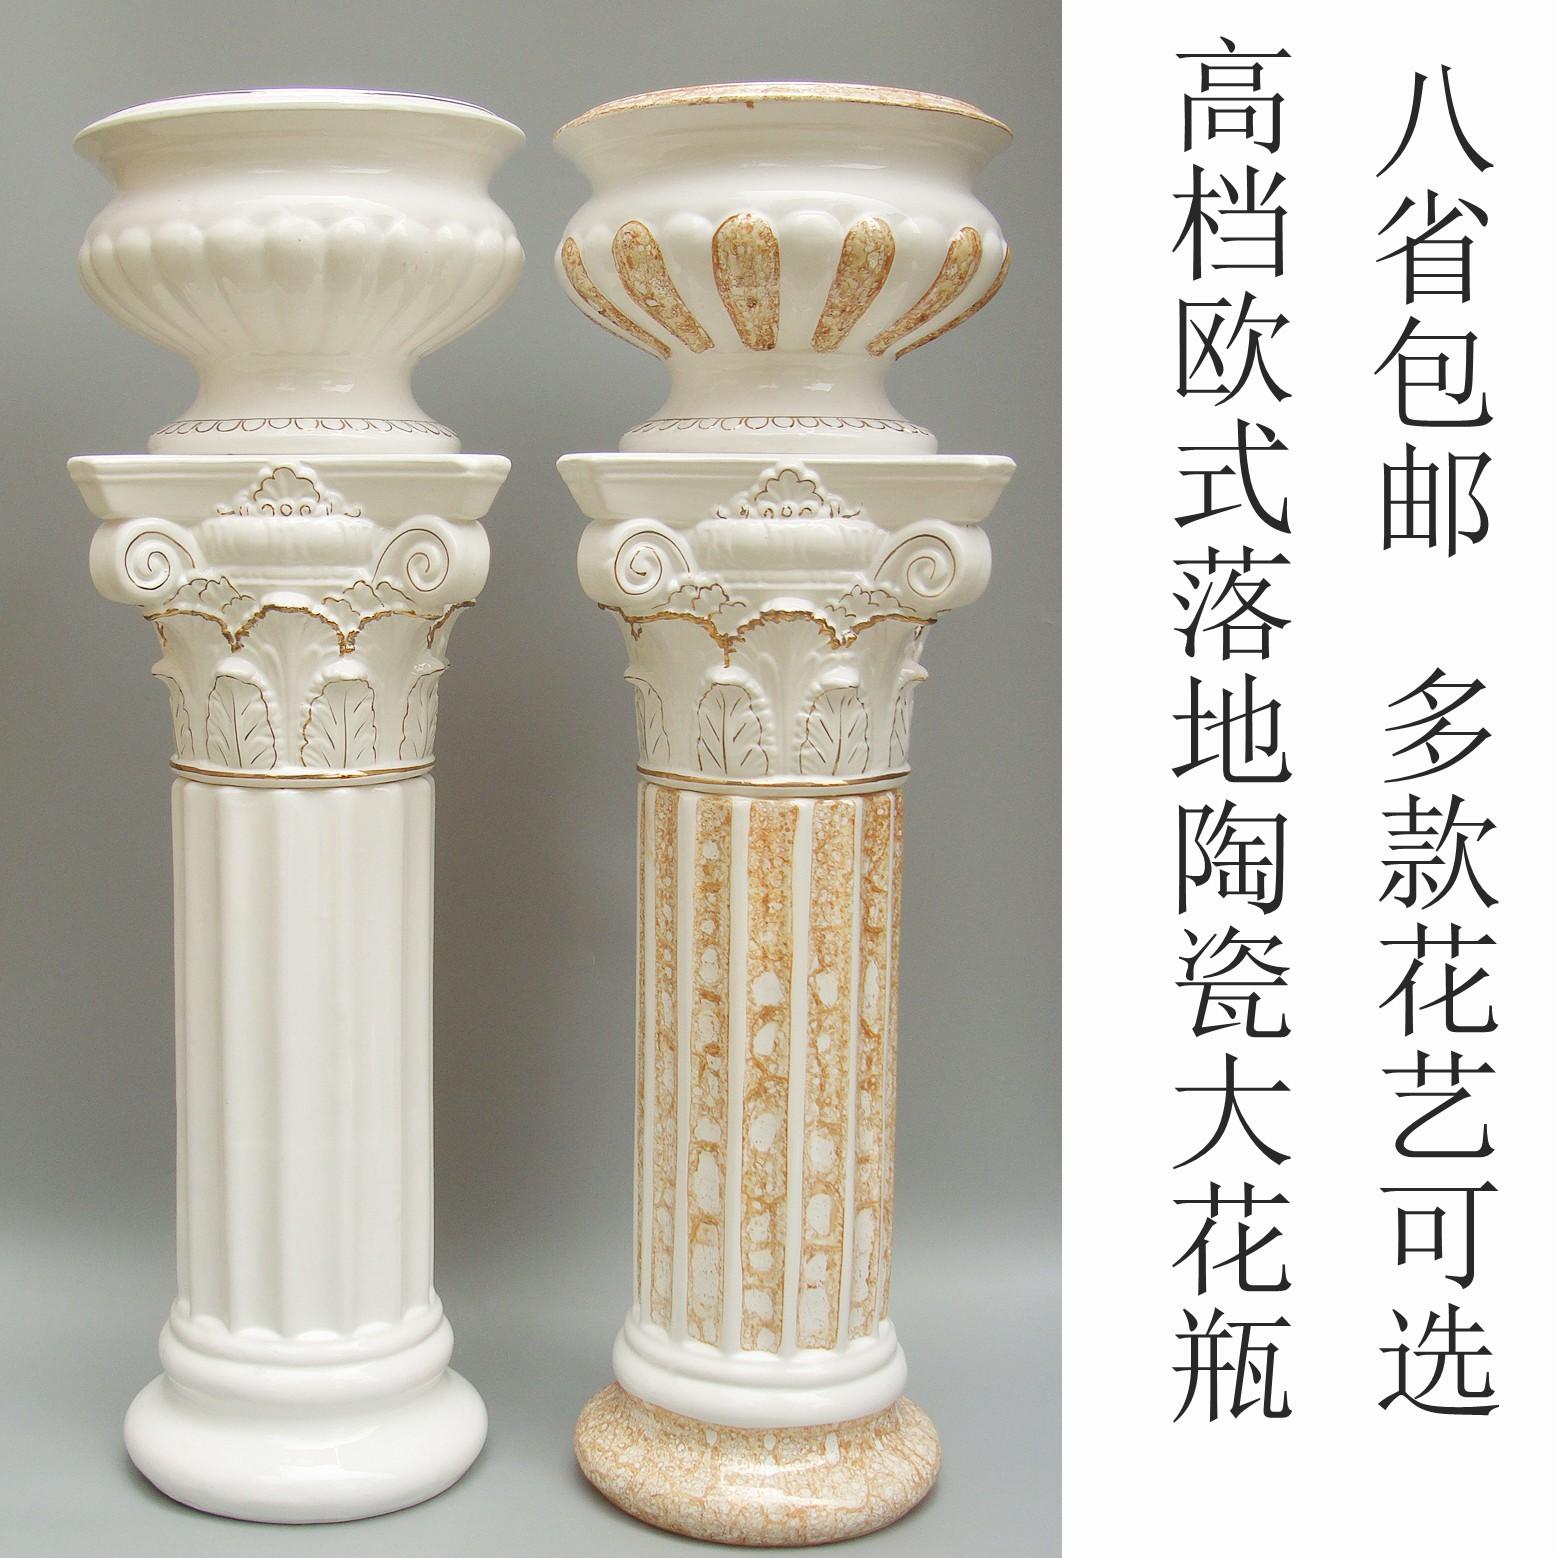 陶瓷客厅背景墙落地家居大型花瓶插花艺套装罗马柱盆